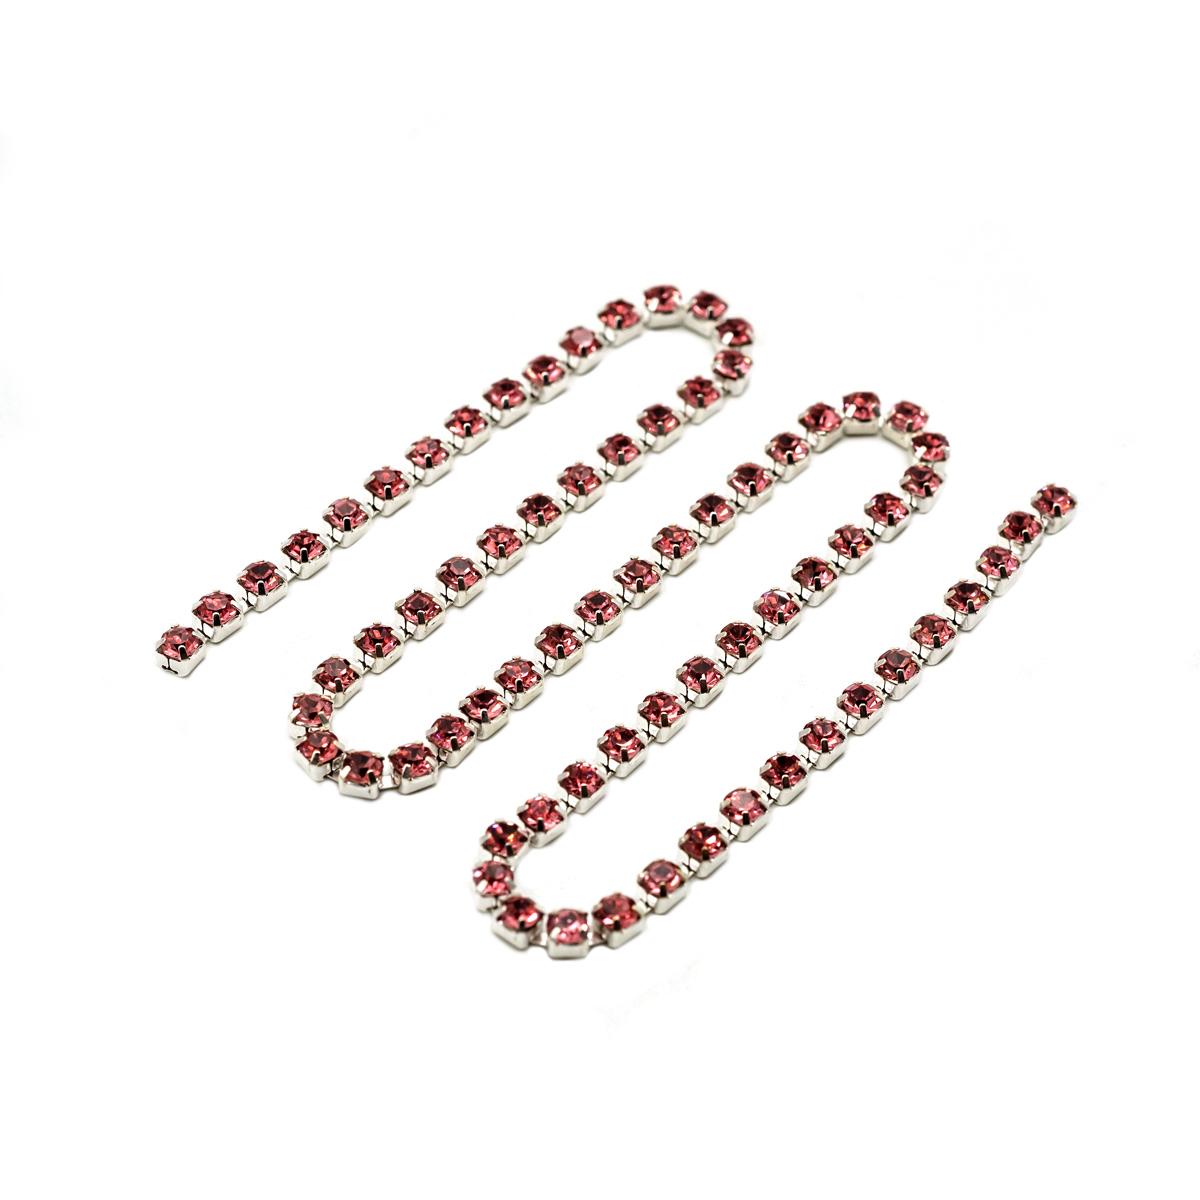 ЦС006СЦ3 Стразовые цепочки (серебро), цвет: розовый, размер 3 мм, 30 см/упак.